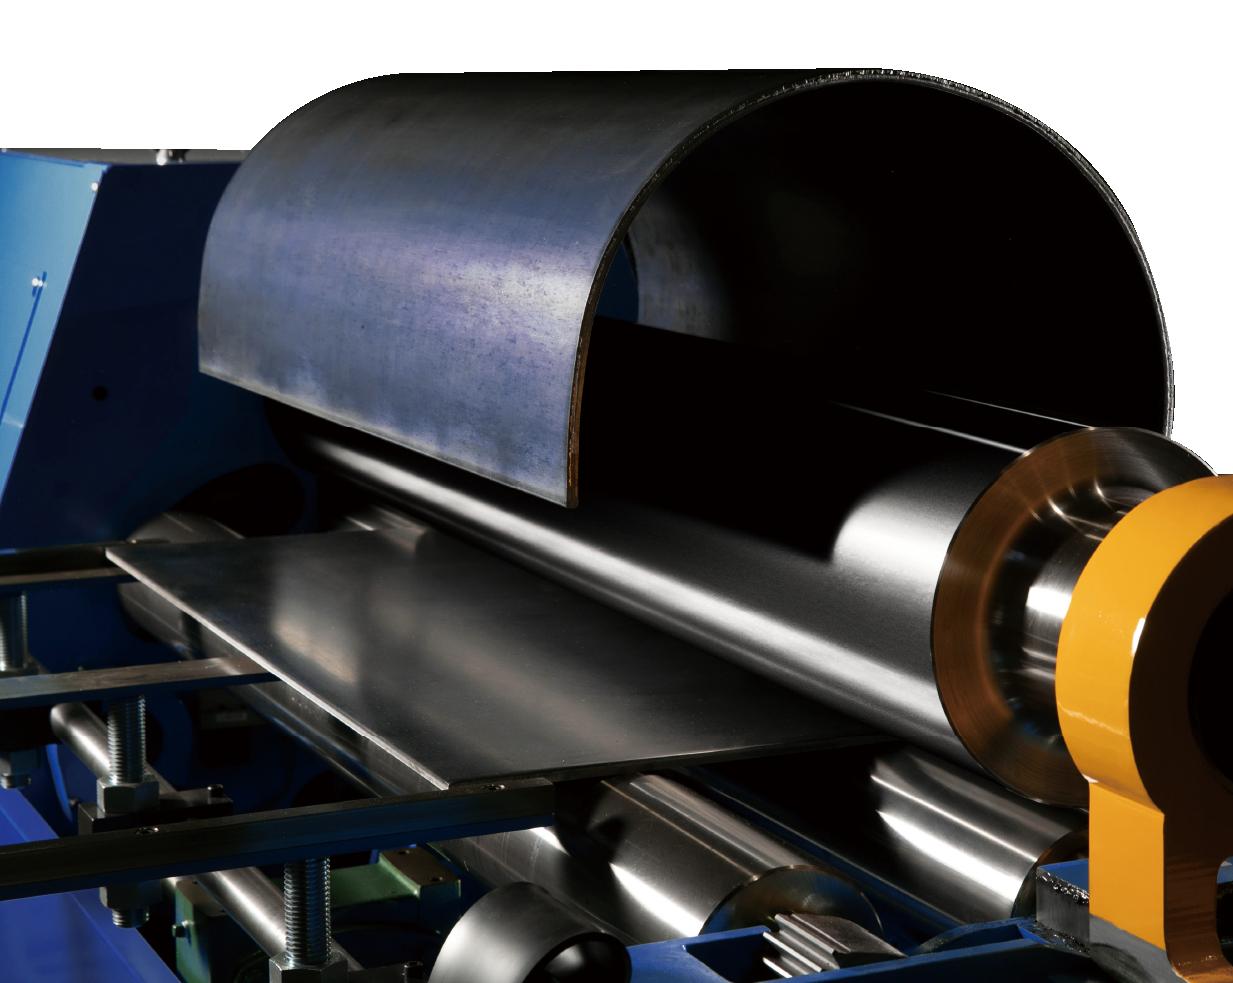 塑性加工技術の新しいスタイル高速・高精度の塑性加工技術と高度な溶接技術